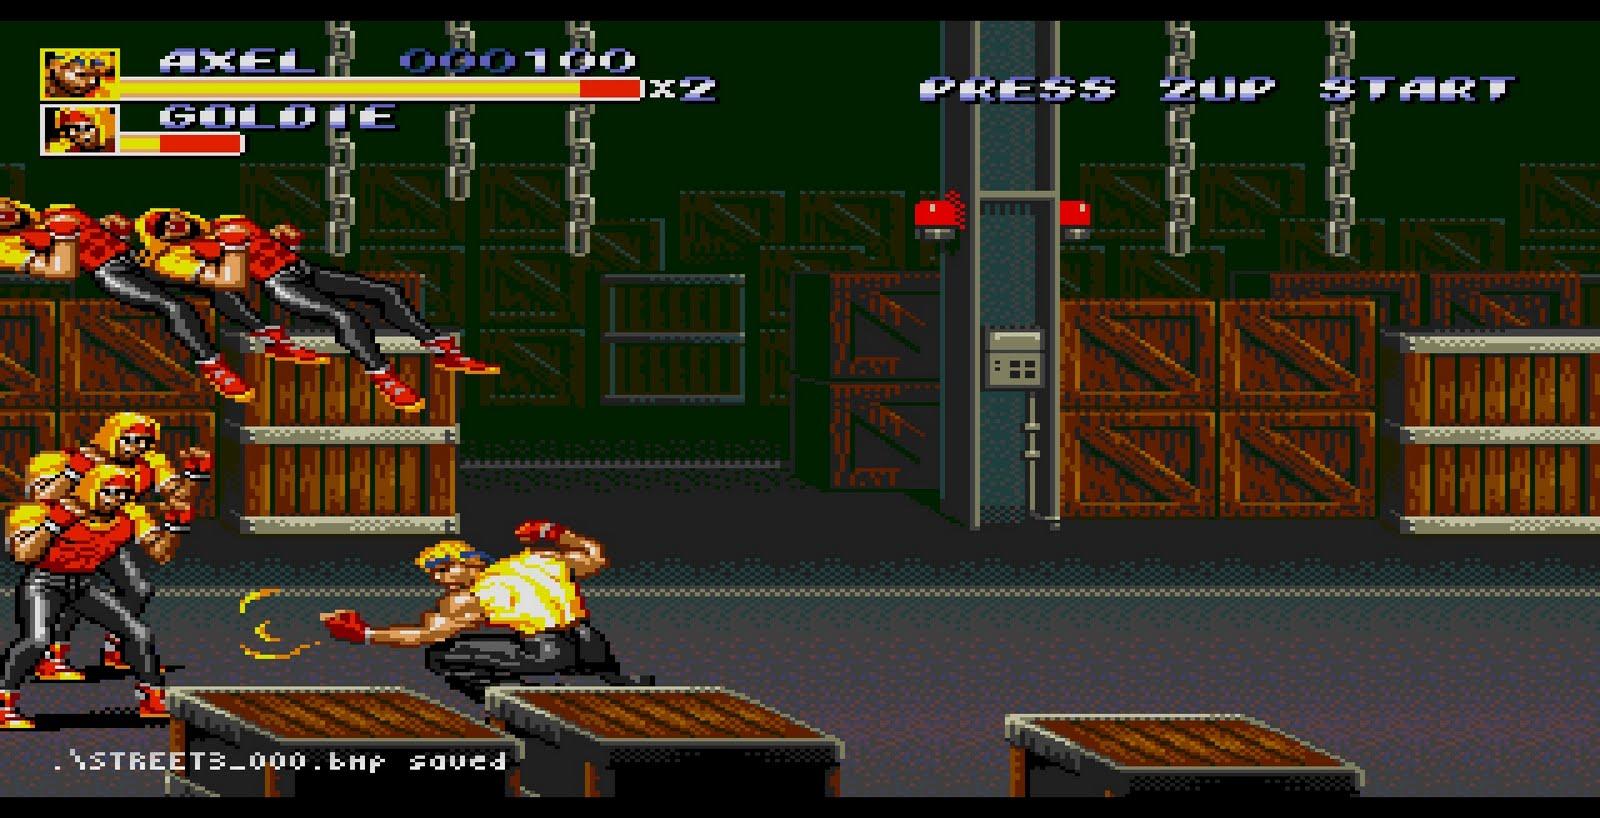 Hola Pelotudos Descargar Roms Para Sega Genesis 5 Y Utlima Parte